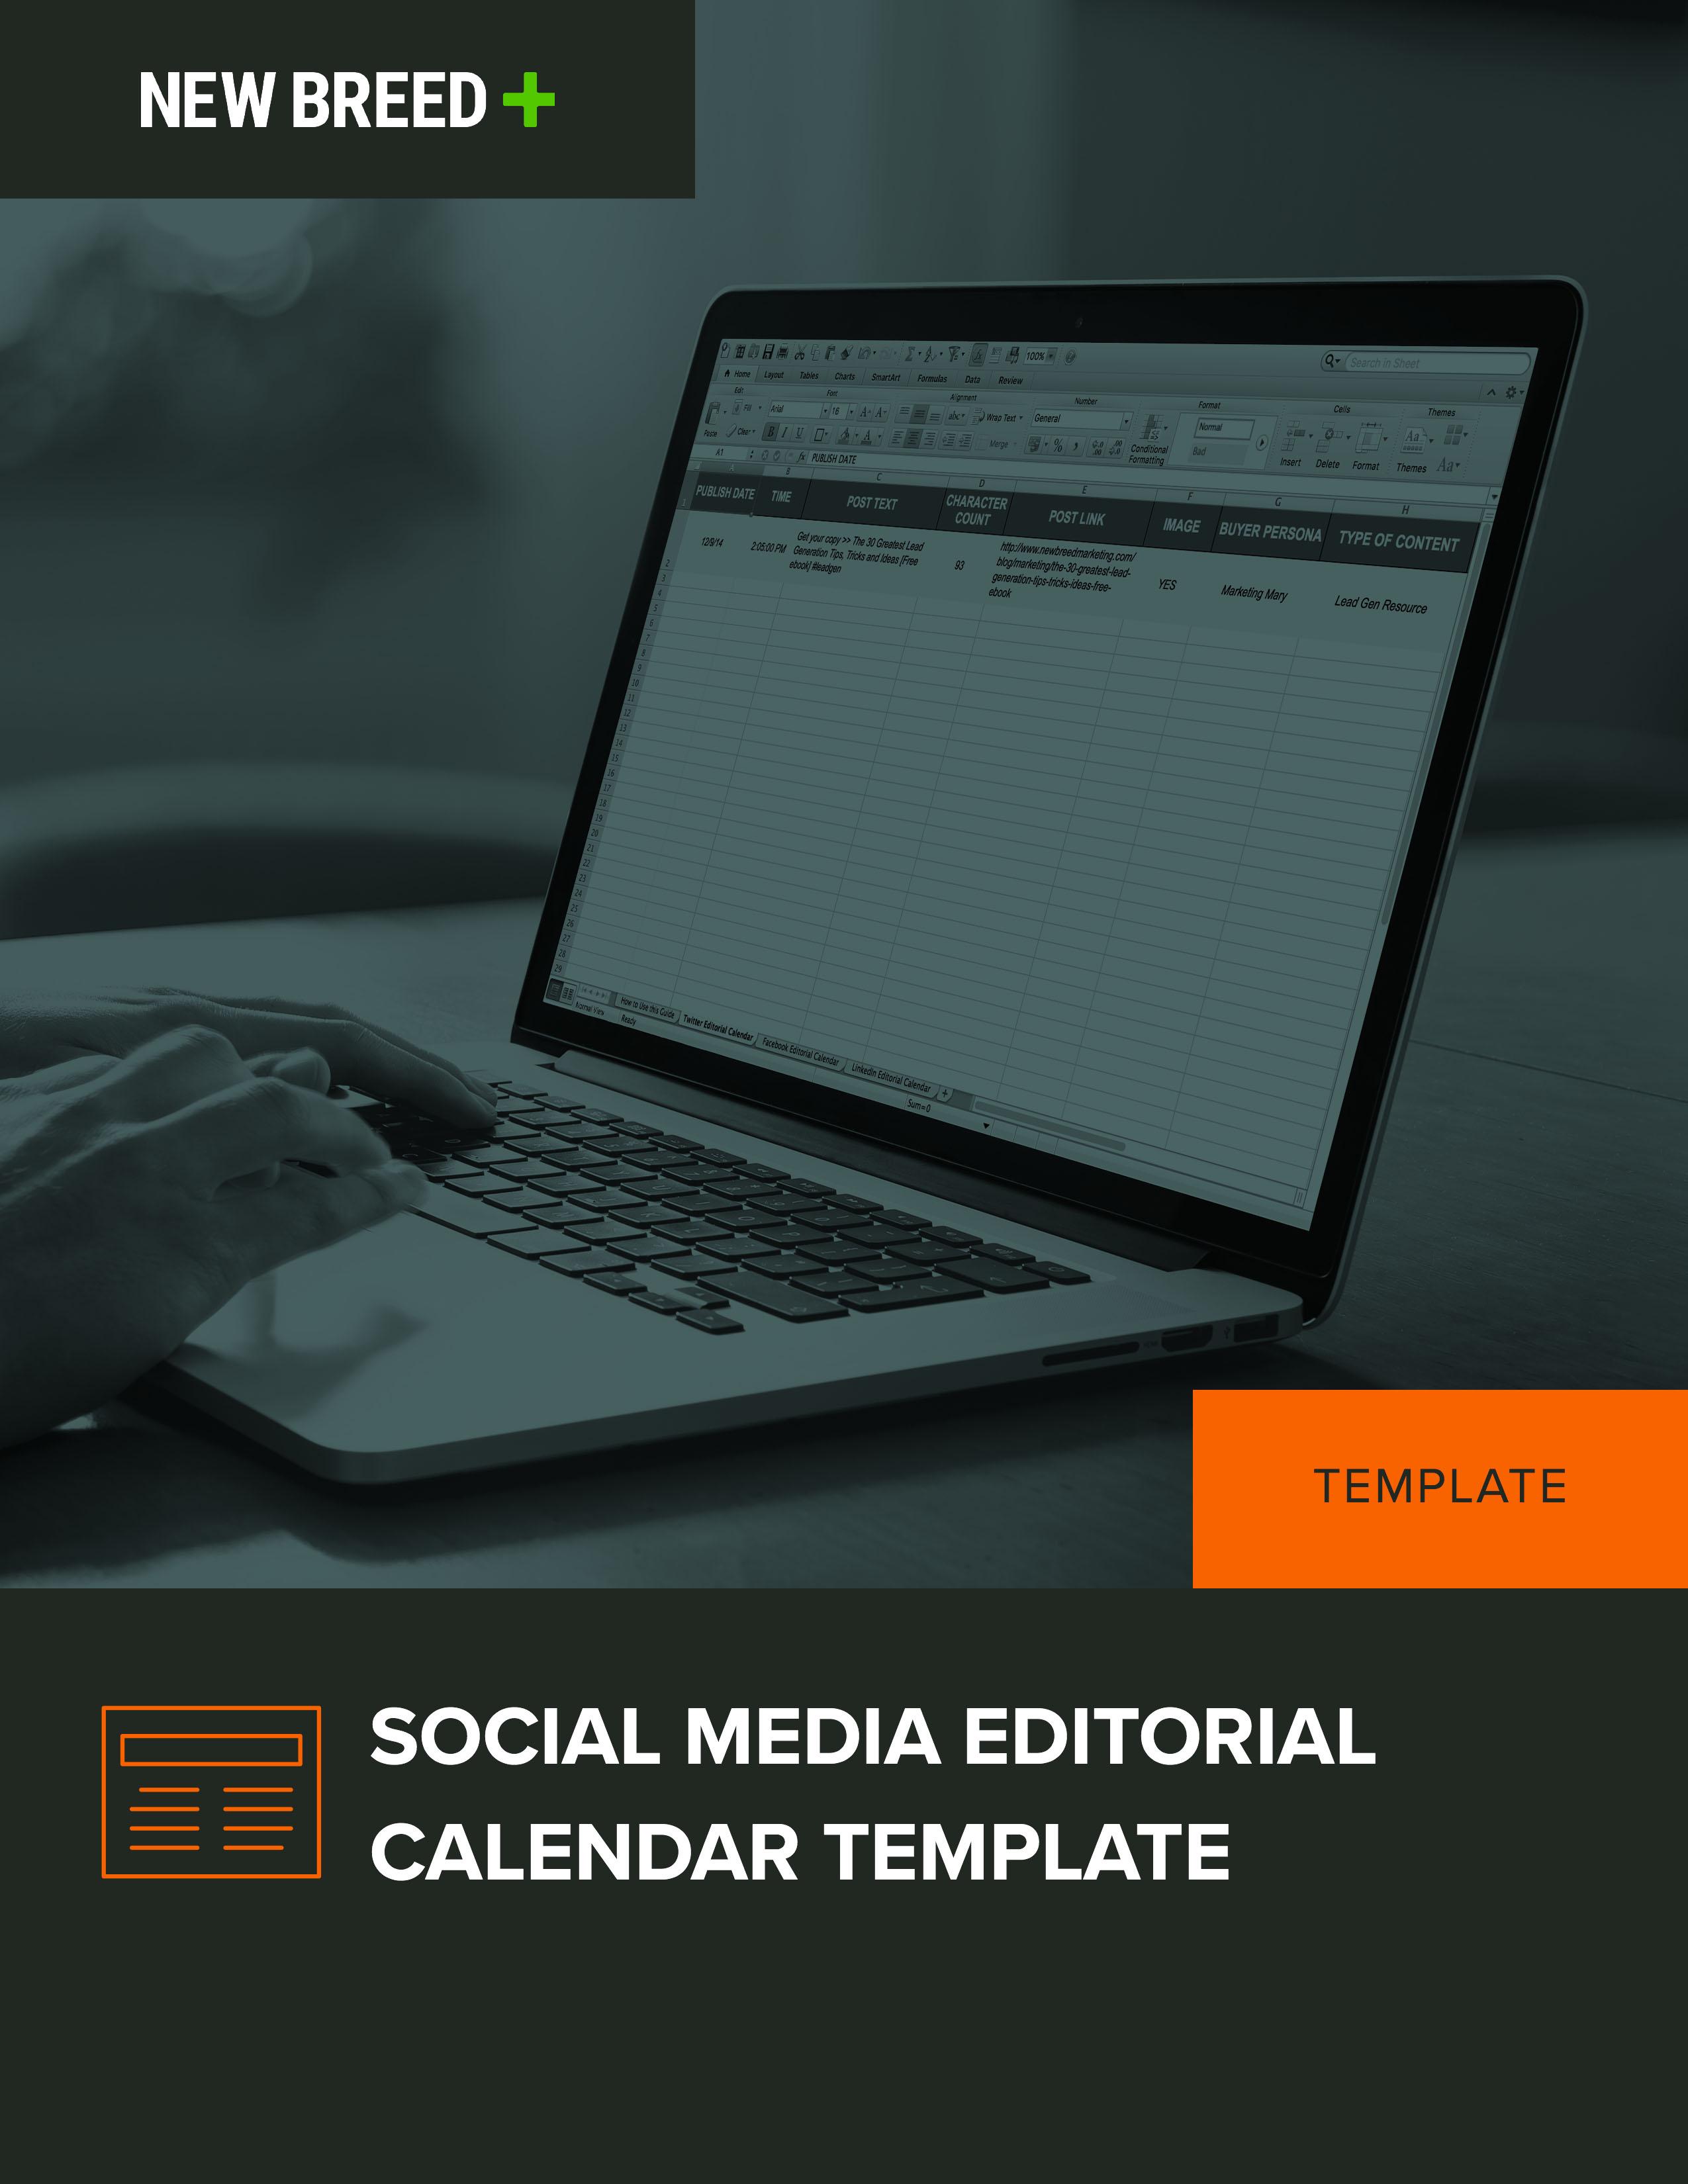 social media editorial calendar template.jpg